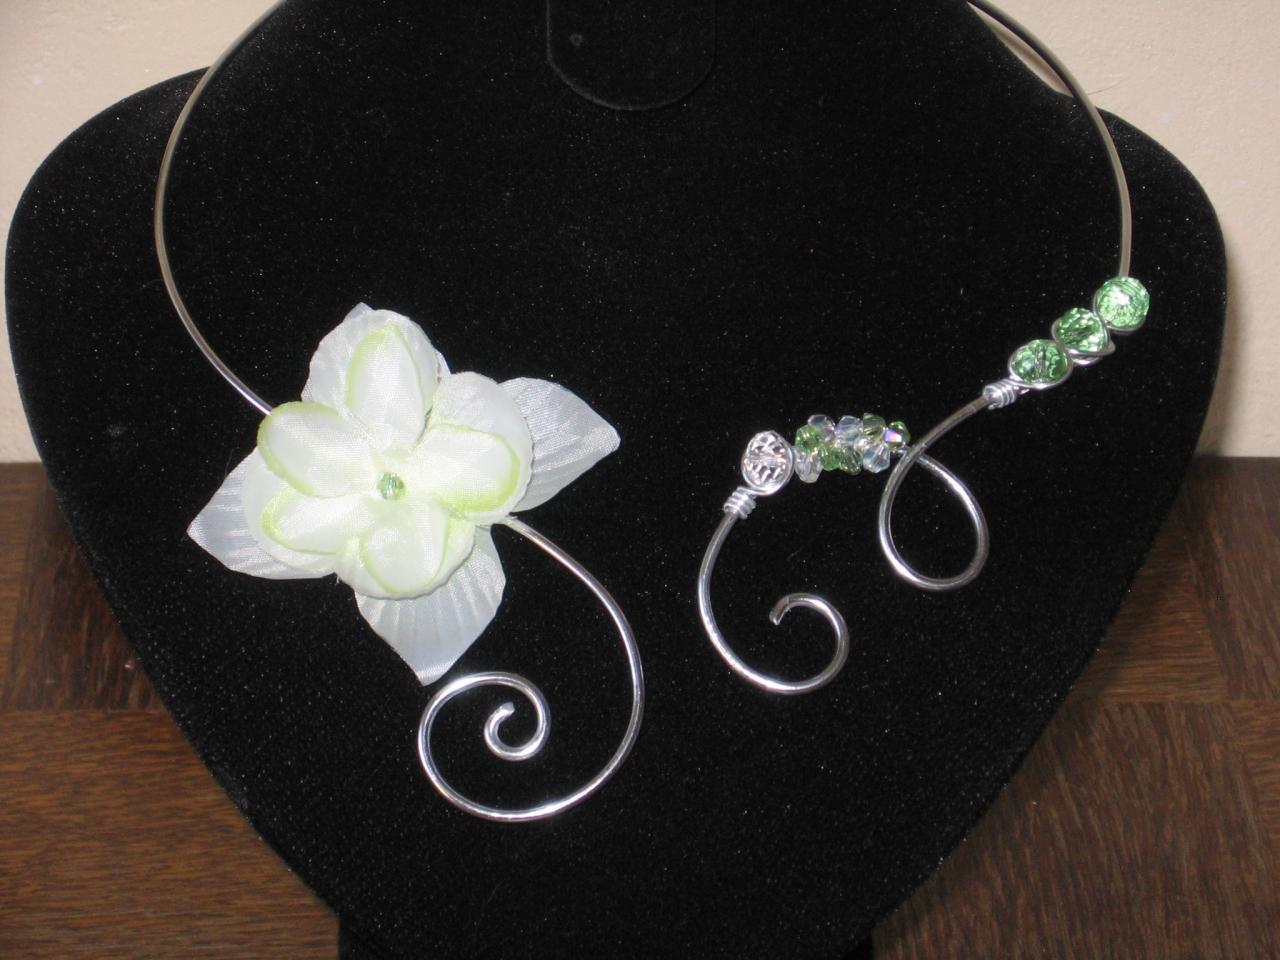 collier-fil-alu-argent-avec-fleur-de-tissu-verte-et-perles-en-cristal-verte-et-cristal-l-atelier-de-samantha-1.jpg